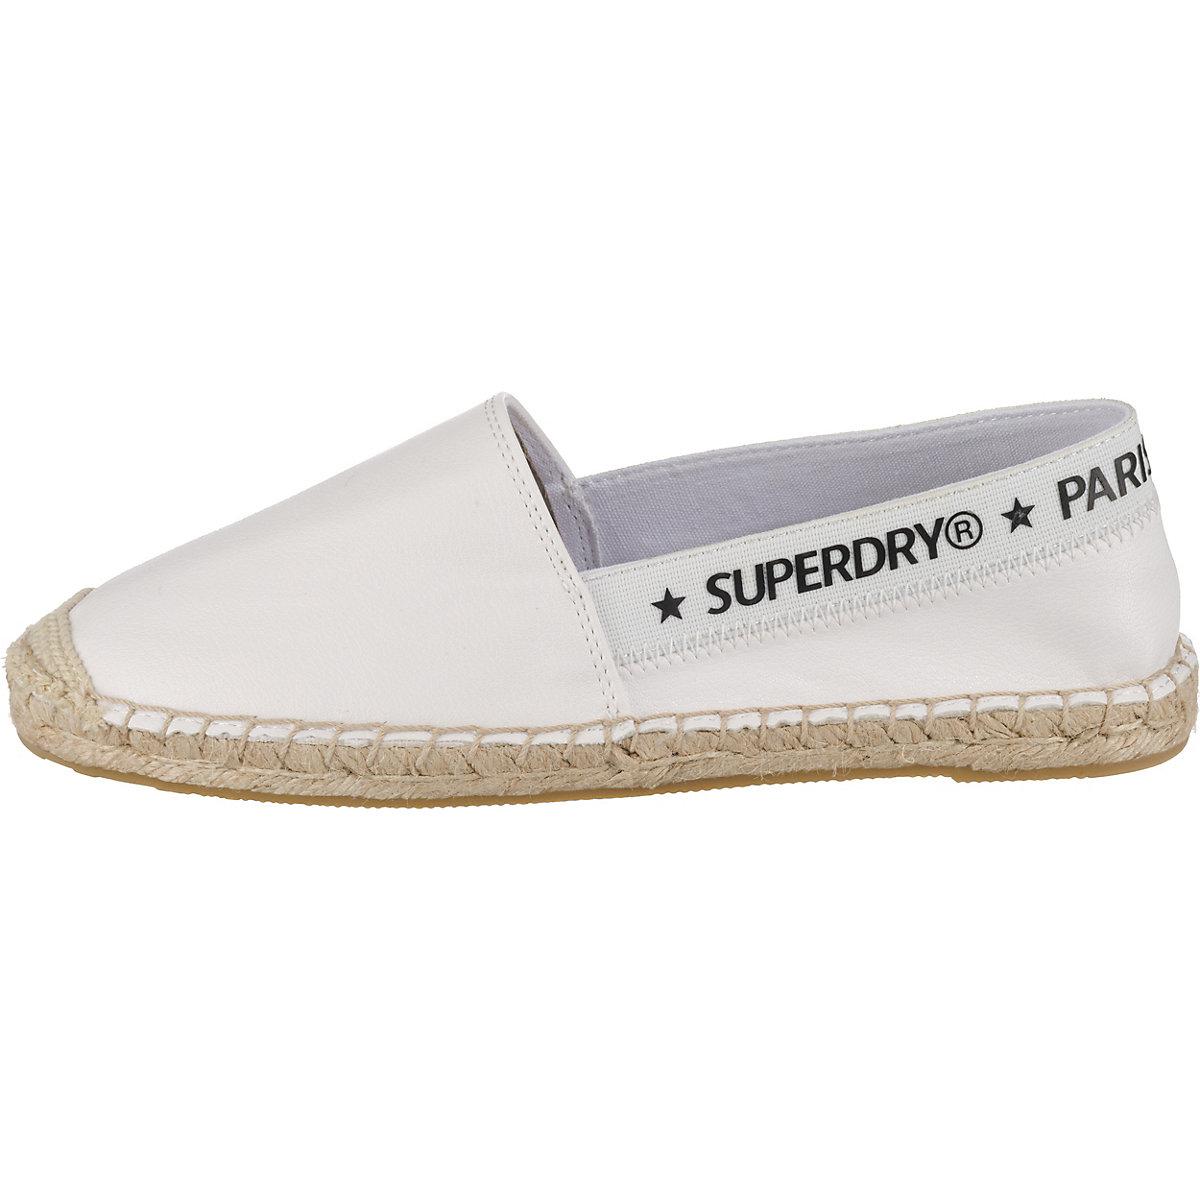 Superdry, Espadrilles, Weiß